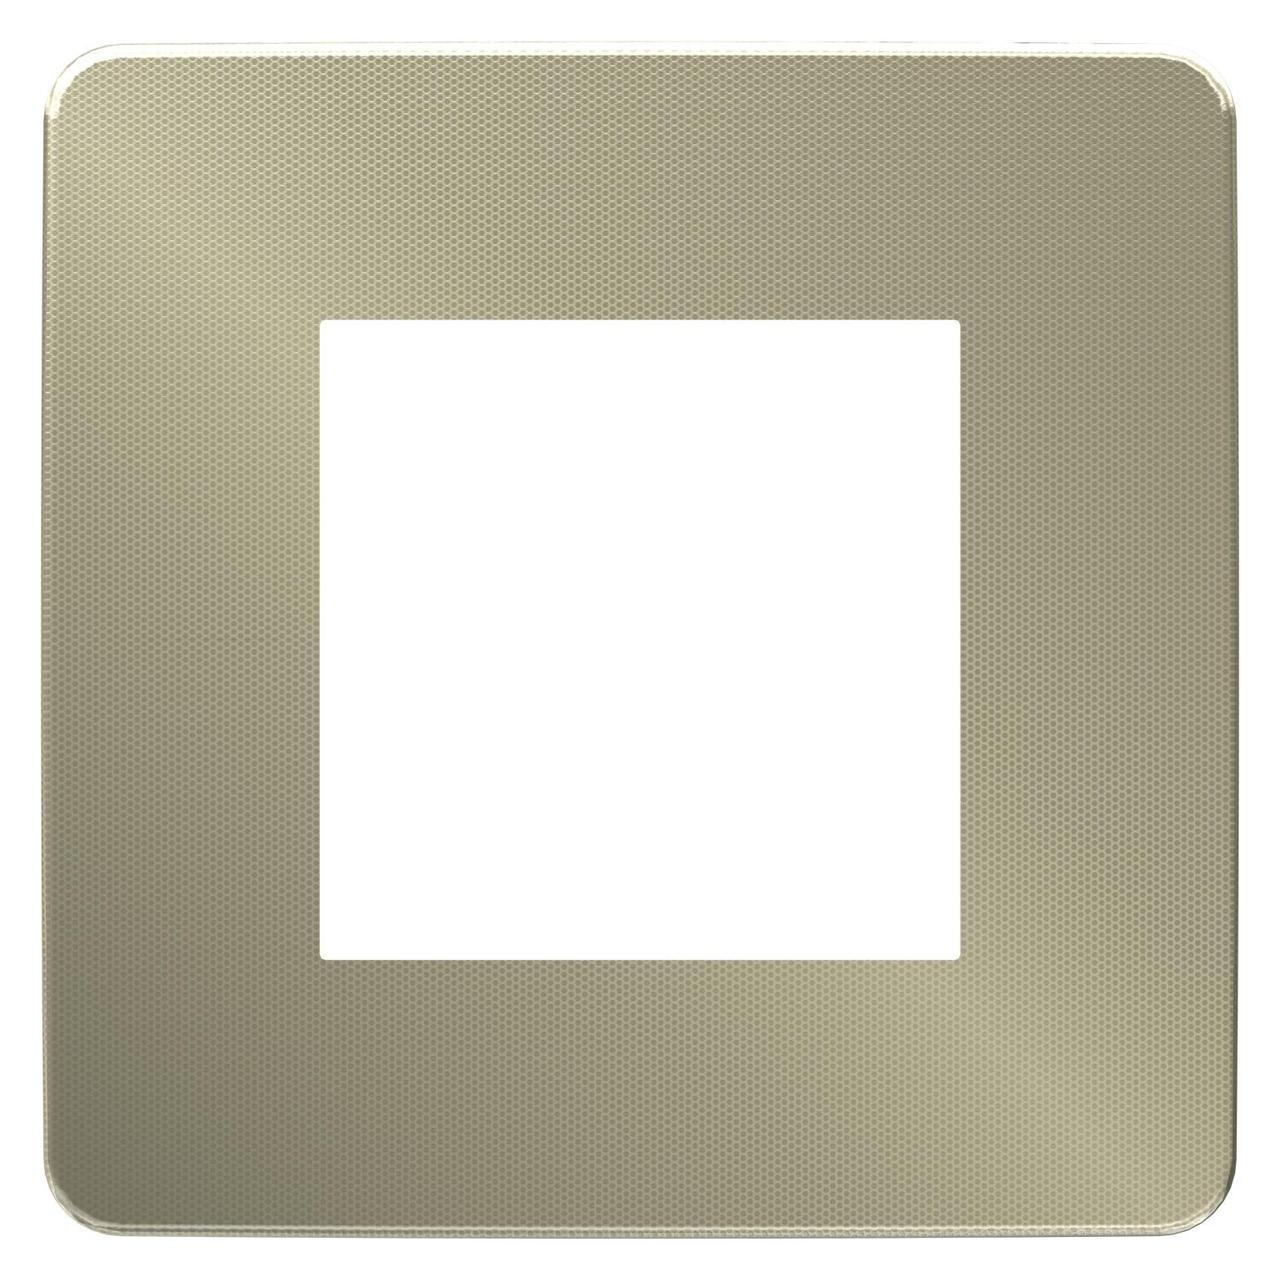 Рамка 1-ая (одинарная), Бронза/Антрацит, серия Unica Studio, Schneider Electric